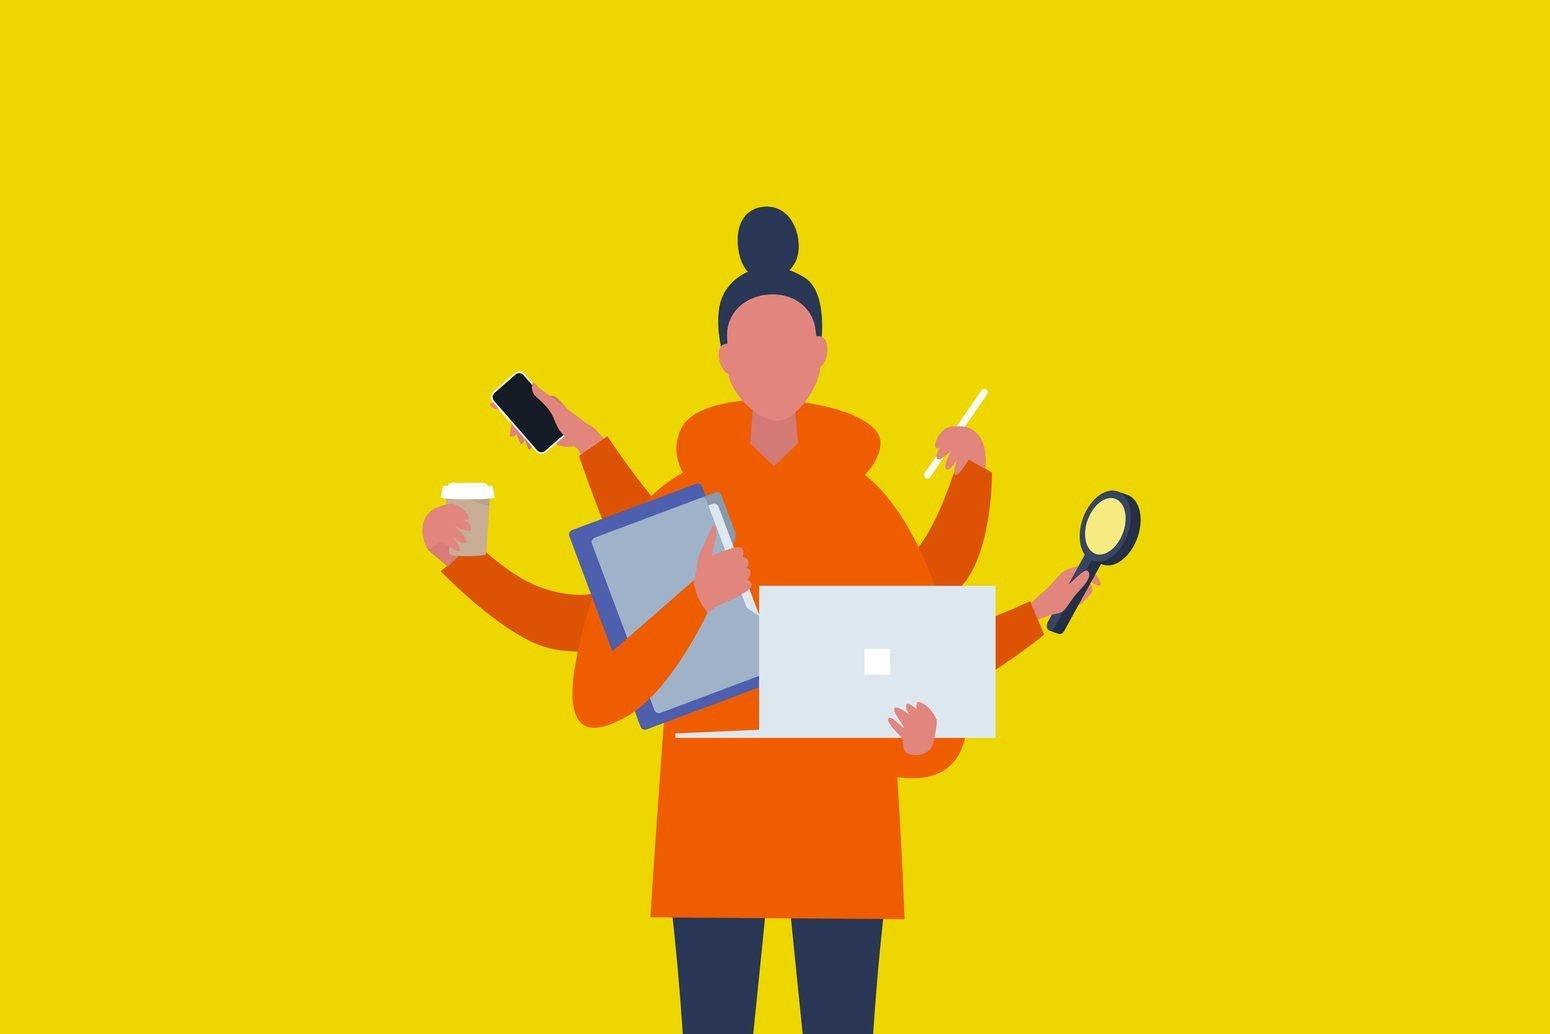 Ilustração de figura feminina com seis braços, segurando itens como computador, café, celular, livros